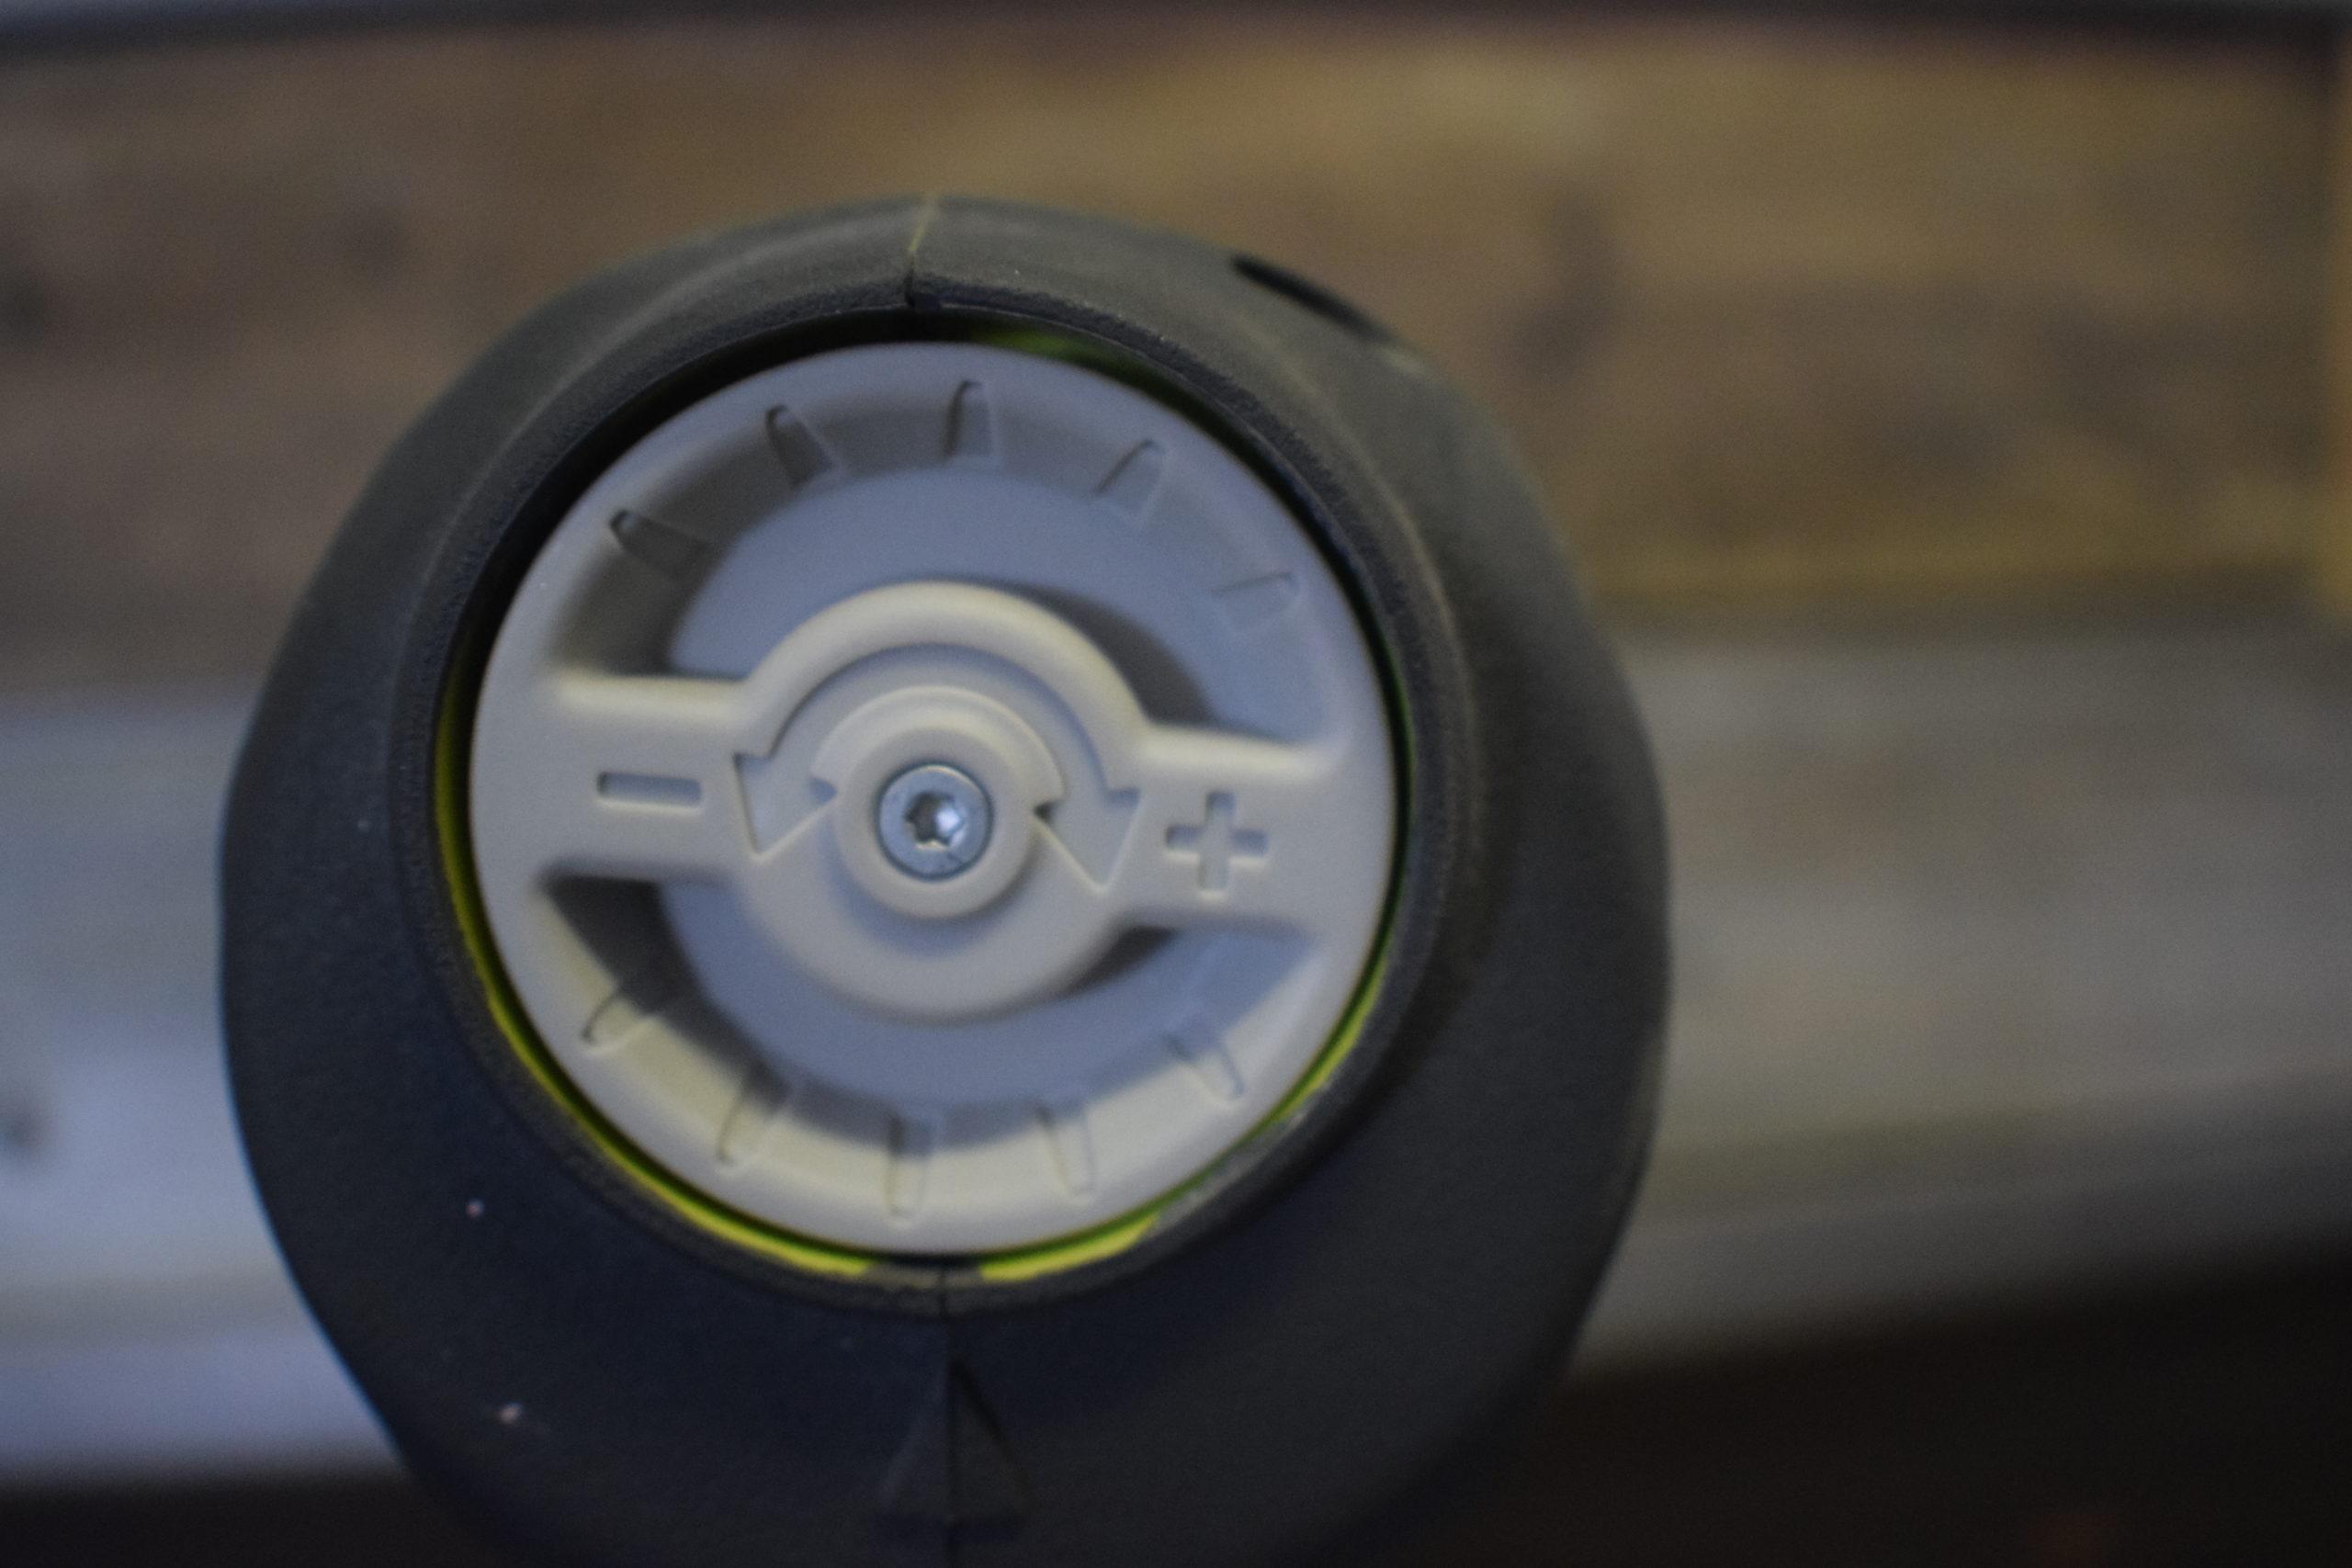 air pressure dial on ryobi airstrike nail gun